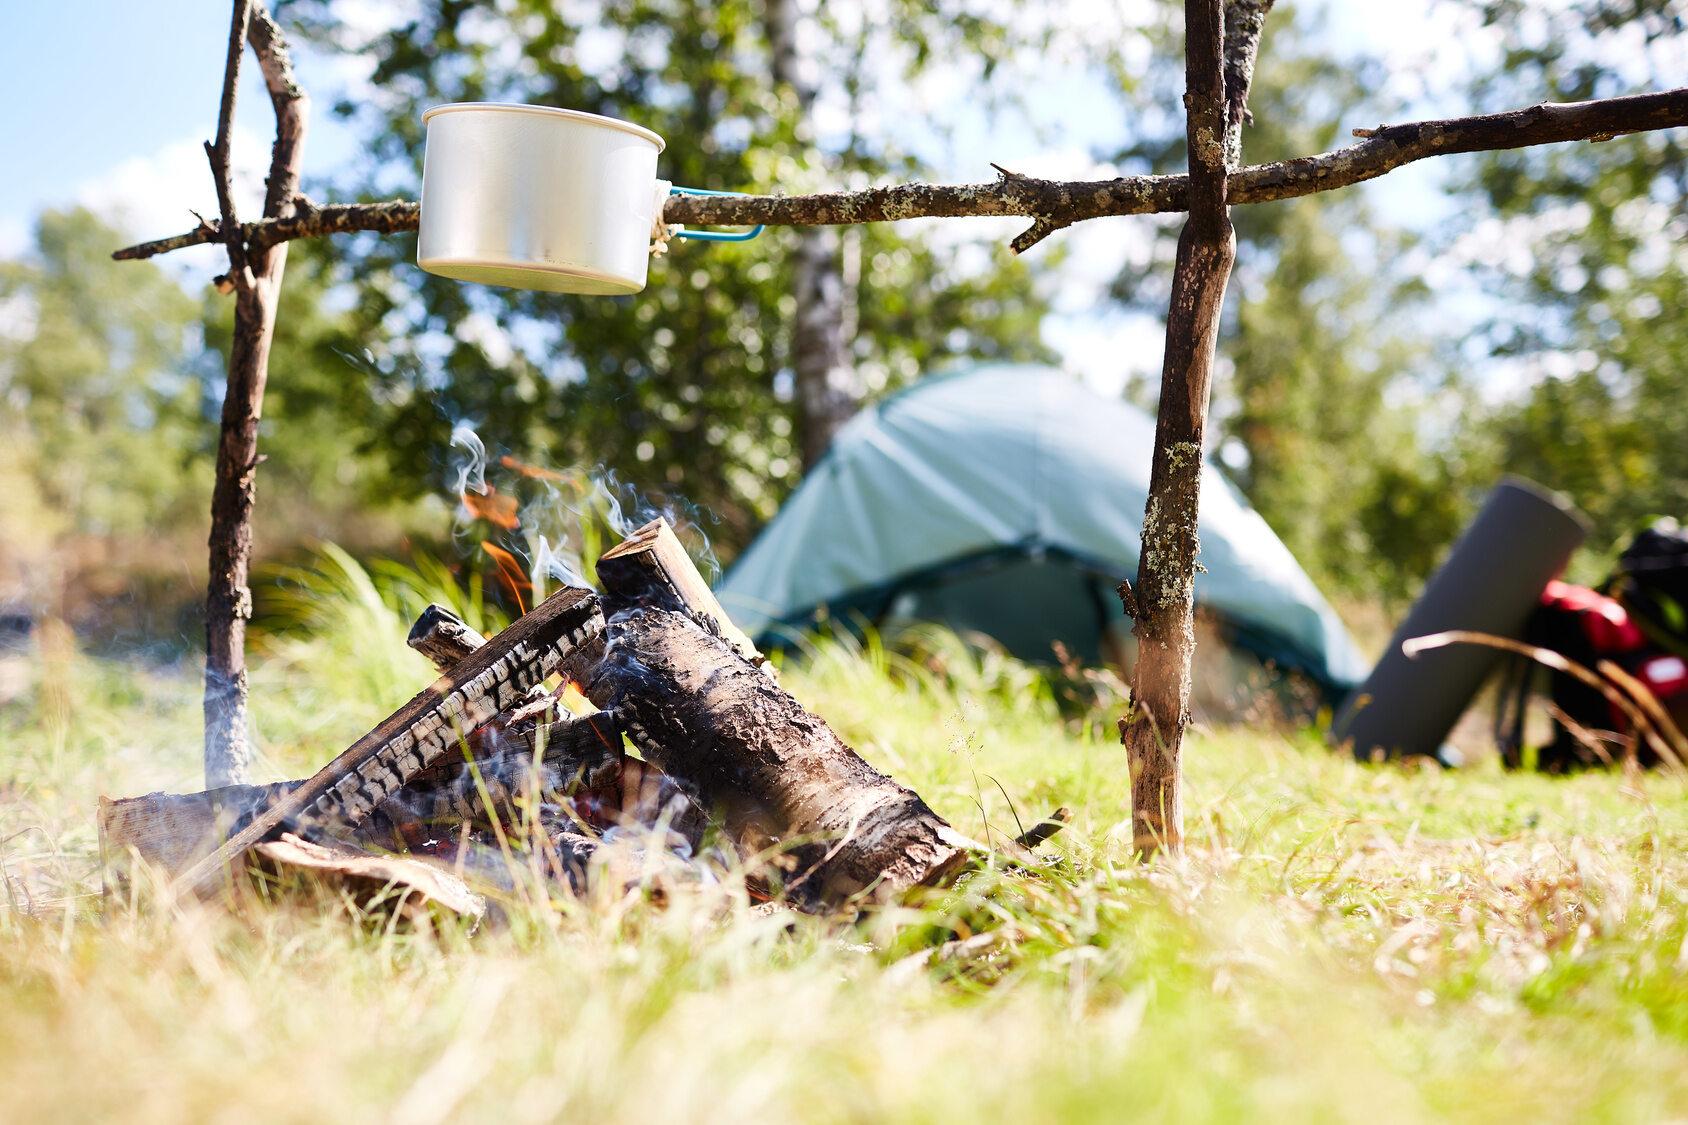 Obóz harcerski, zdjęcie ilustracyjne